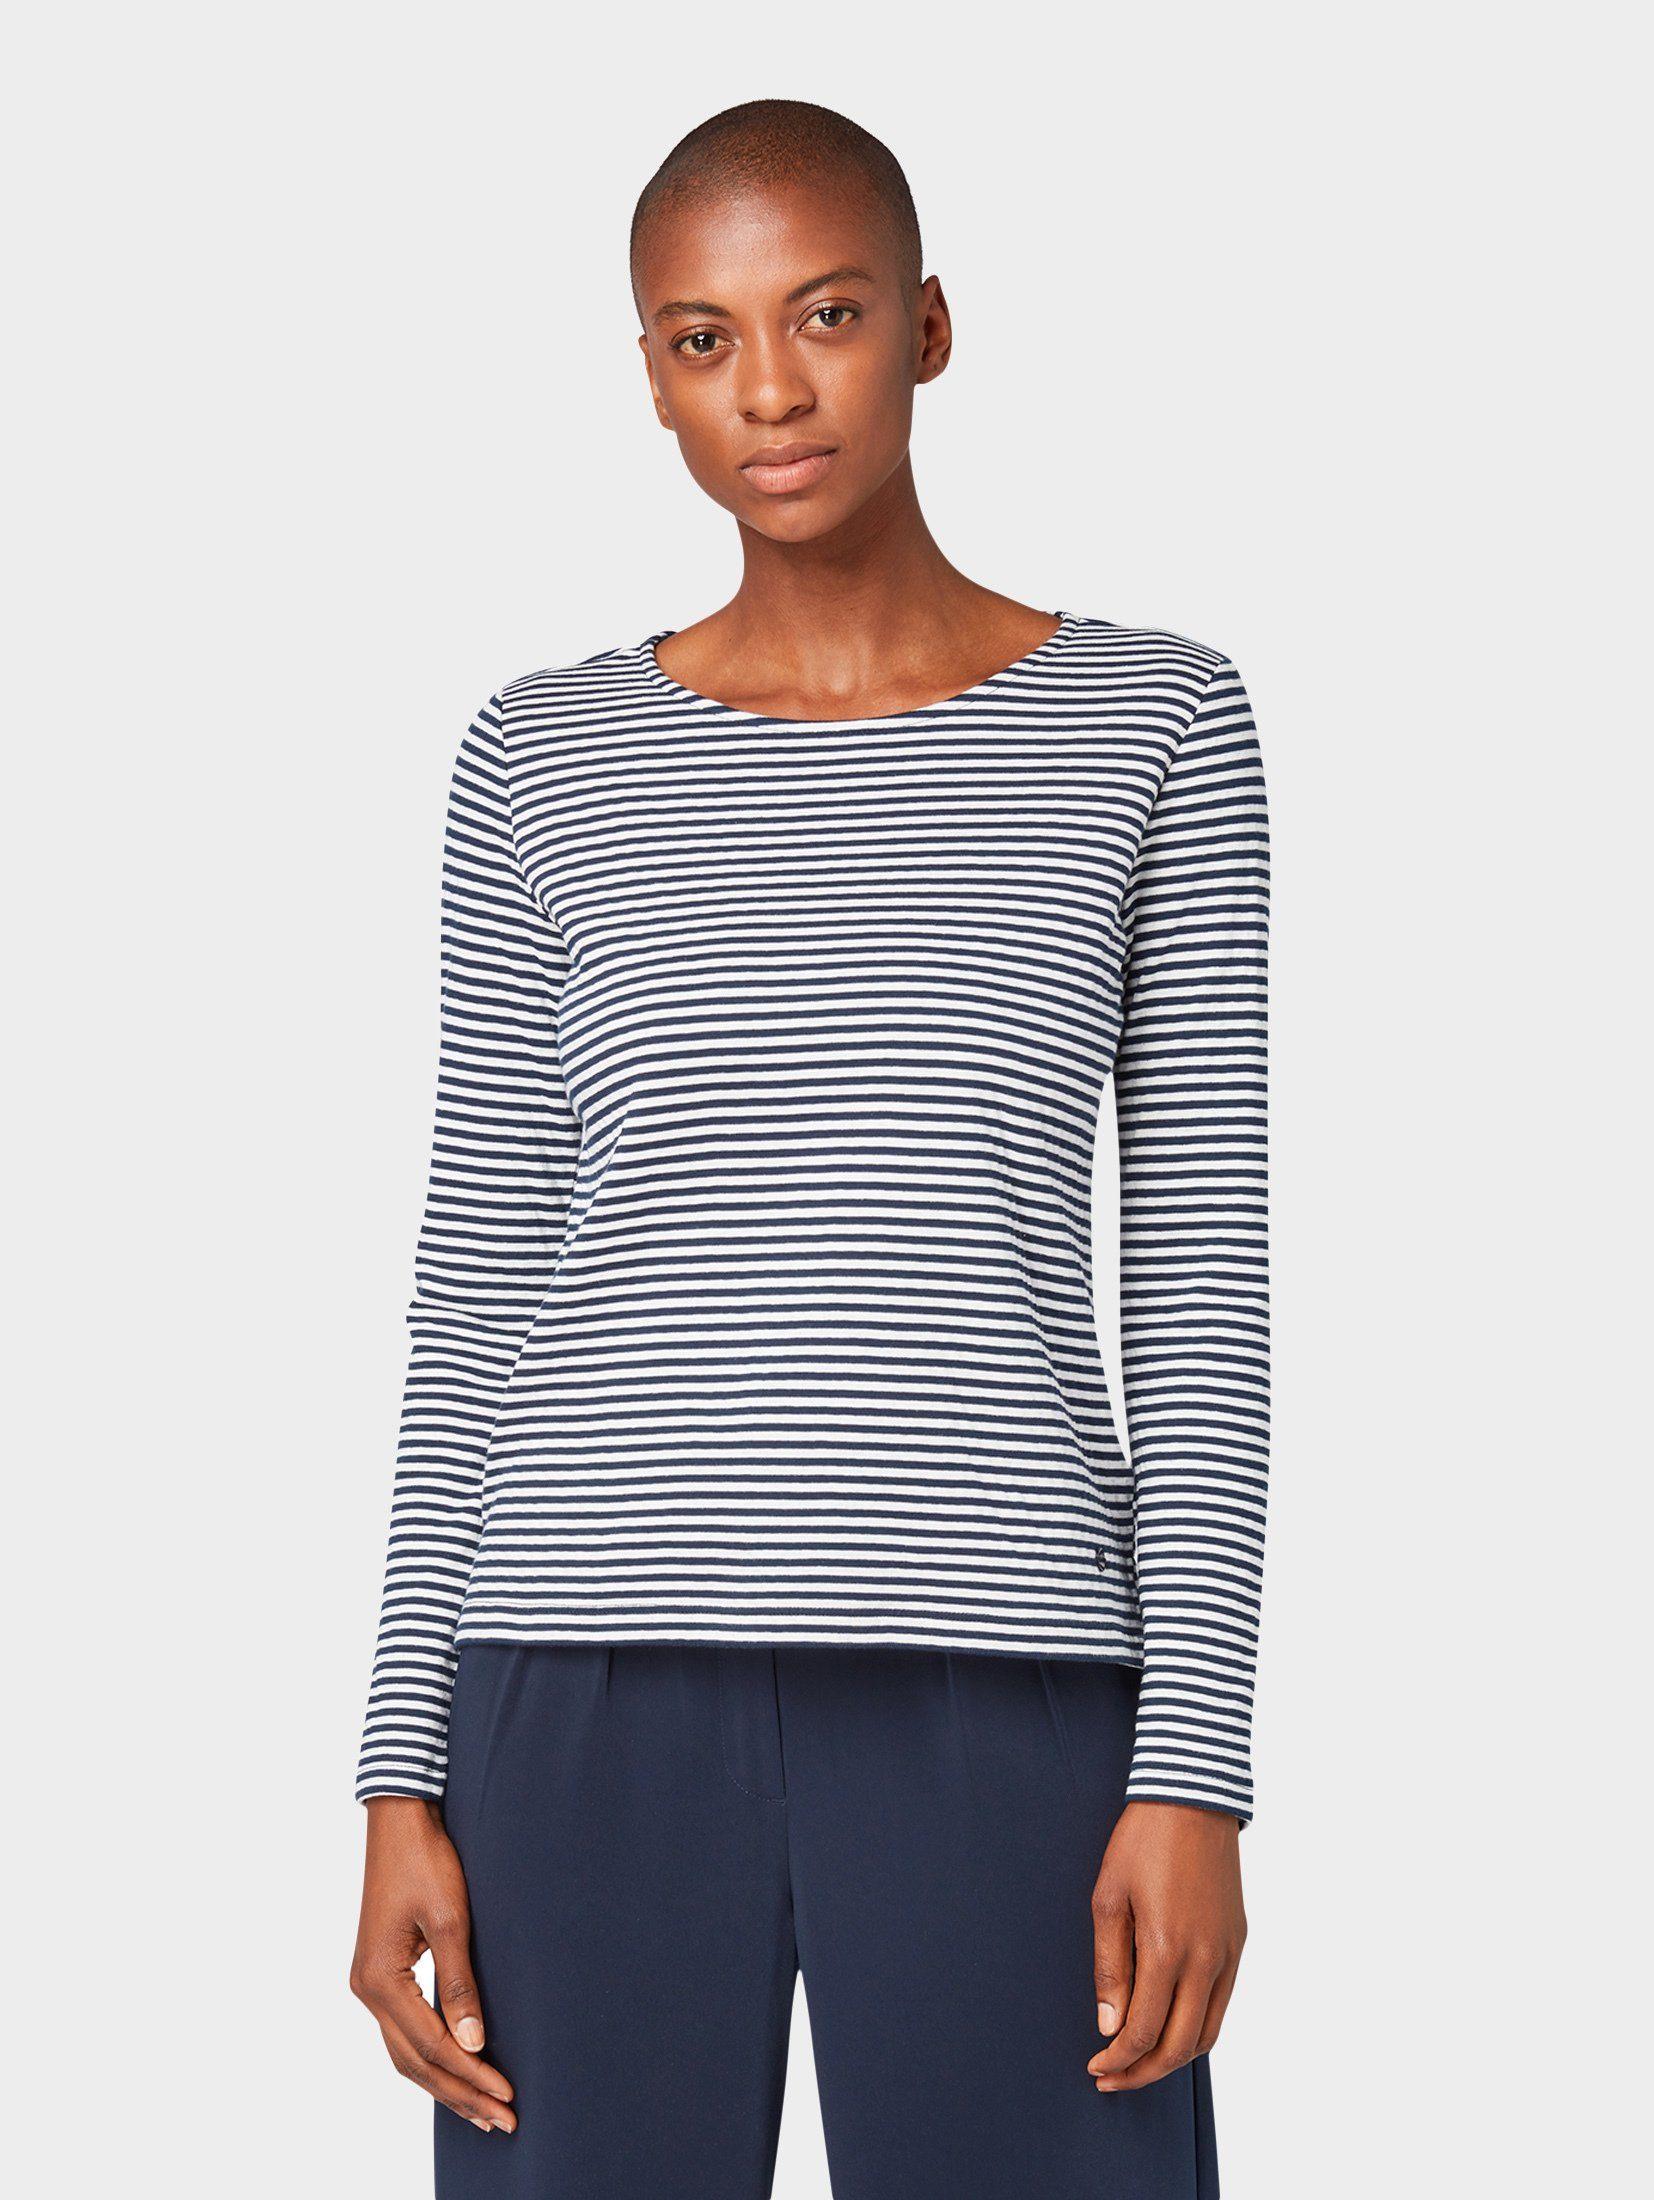 TOM TAILOR Sweater »Gestreifter Sweater«, Langärmlig mit Rundhalsausschnitt online kaufen | OTTO